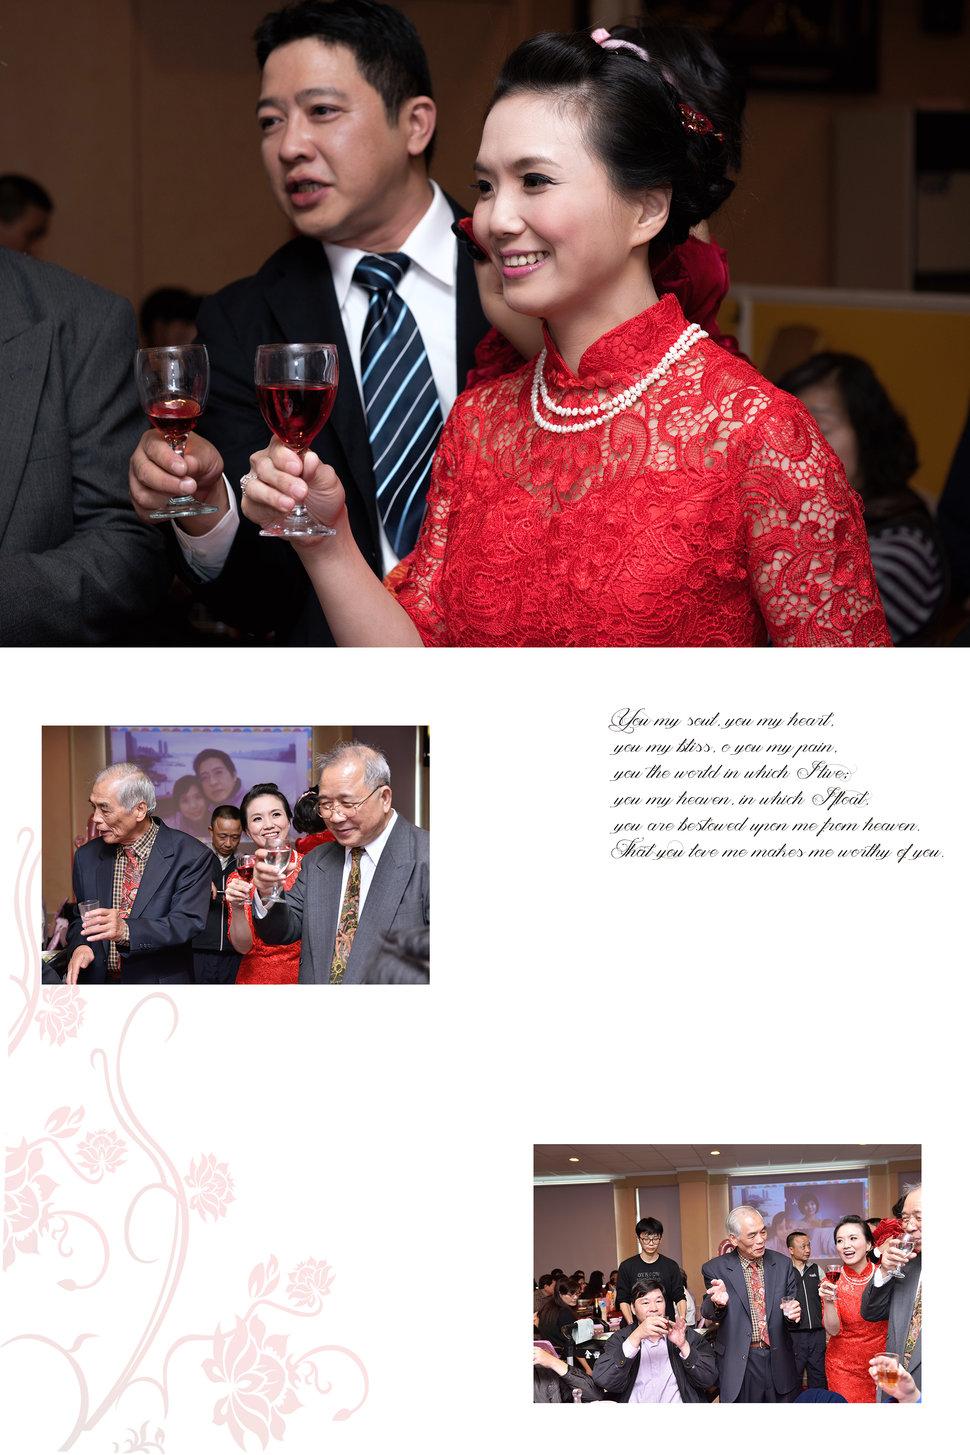 彰化婚攝 婚禮紀錄 結婚單午宴 金悅囍宴館 平面攝影(編號:148444) - D&L 婚禮事務 · 婚禮婚紗攝影 - 結婚吧